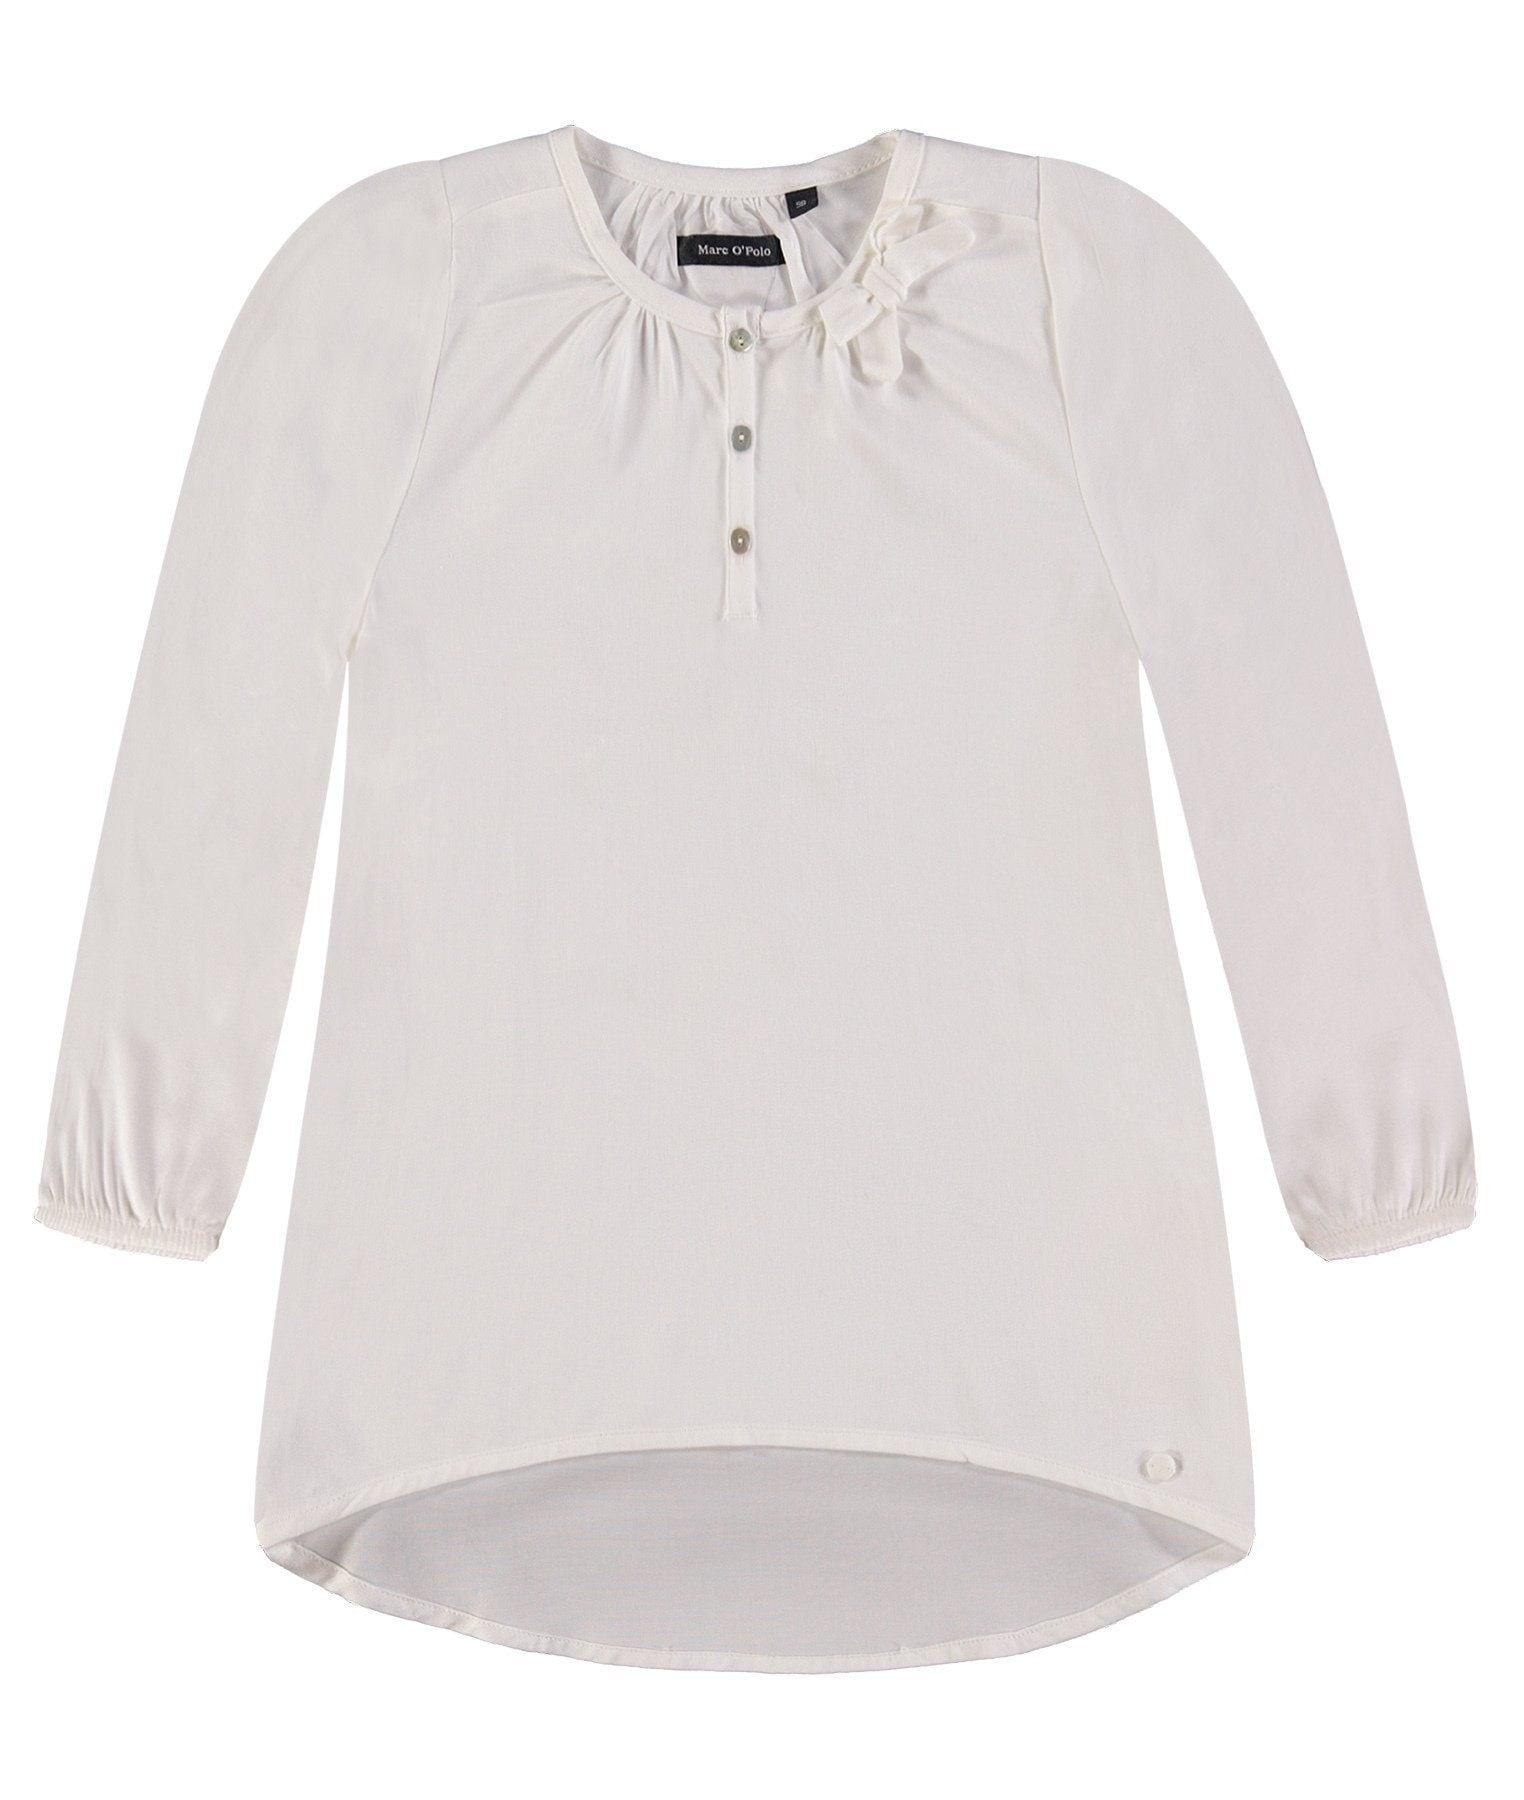 Marc O'Polo Junior Bluse weiß Mädchen Blusen Mädchenkleidung